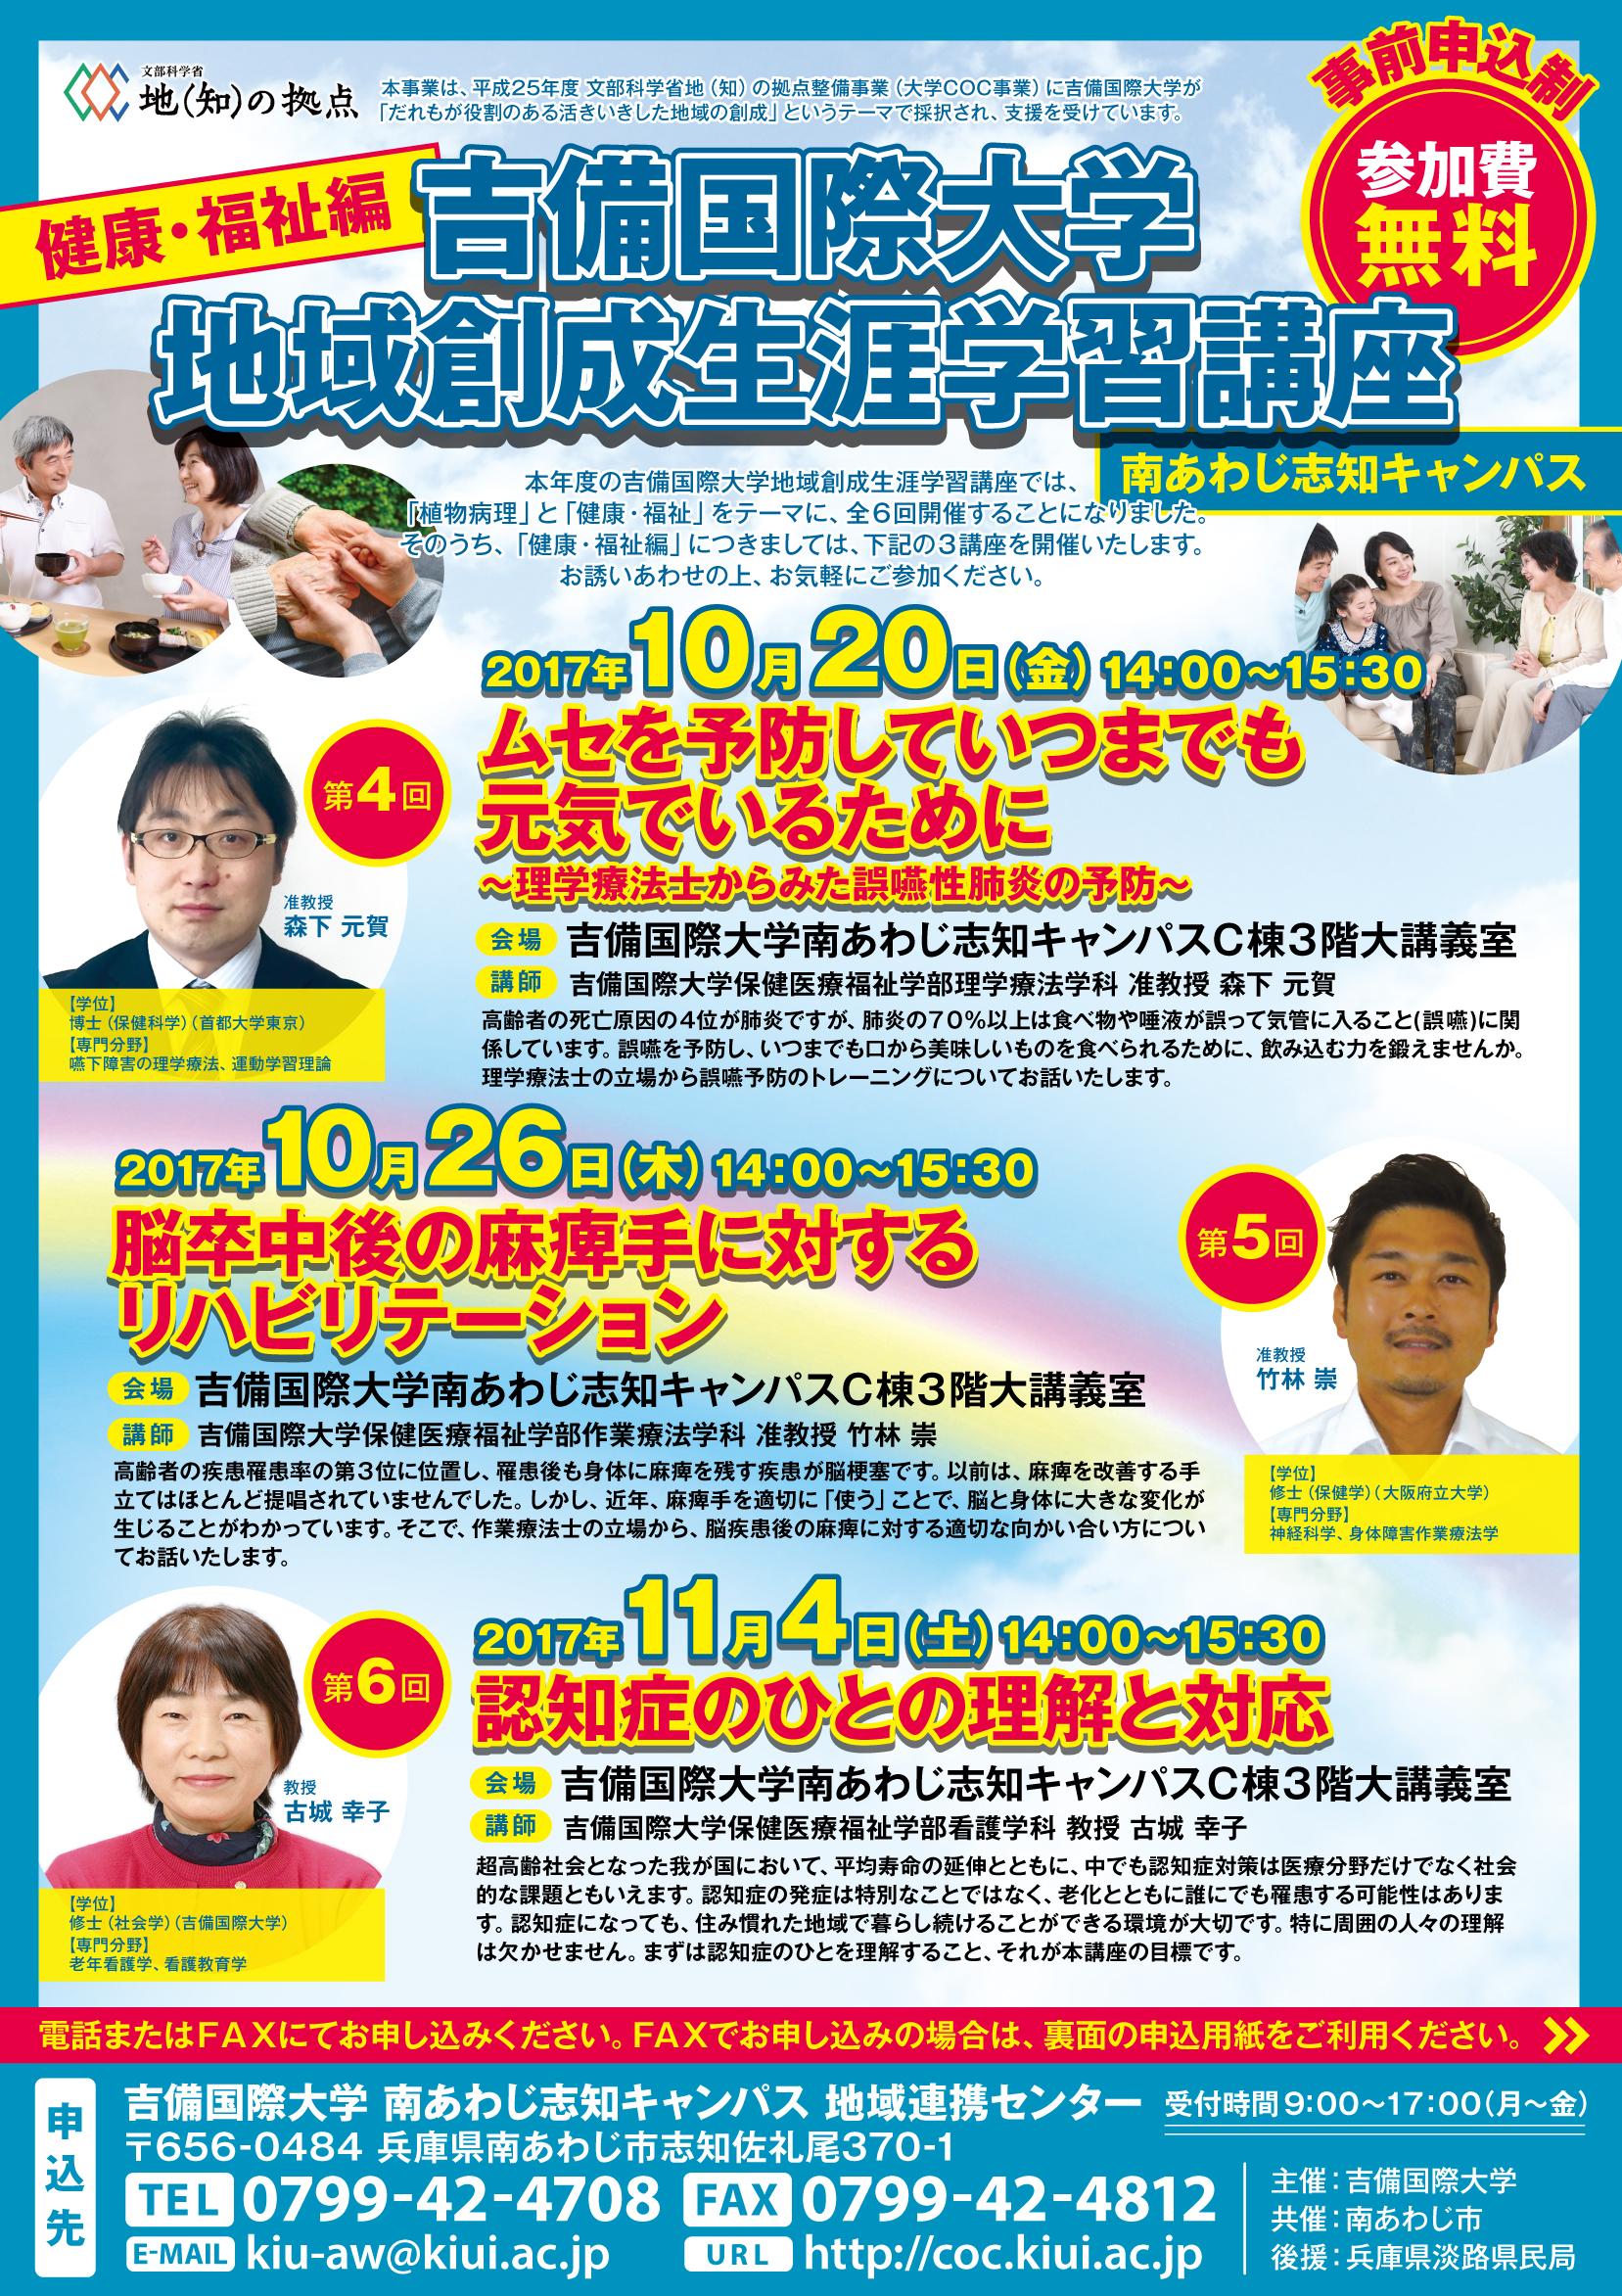 吉備国際大学地域創成生涯学習講座<健康・福祉編>開催のお知らせ